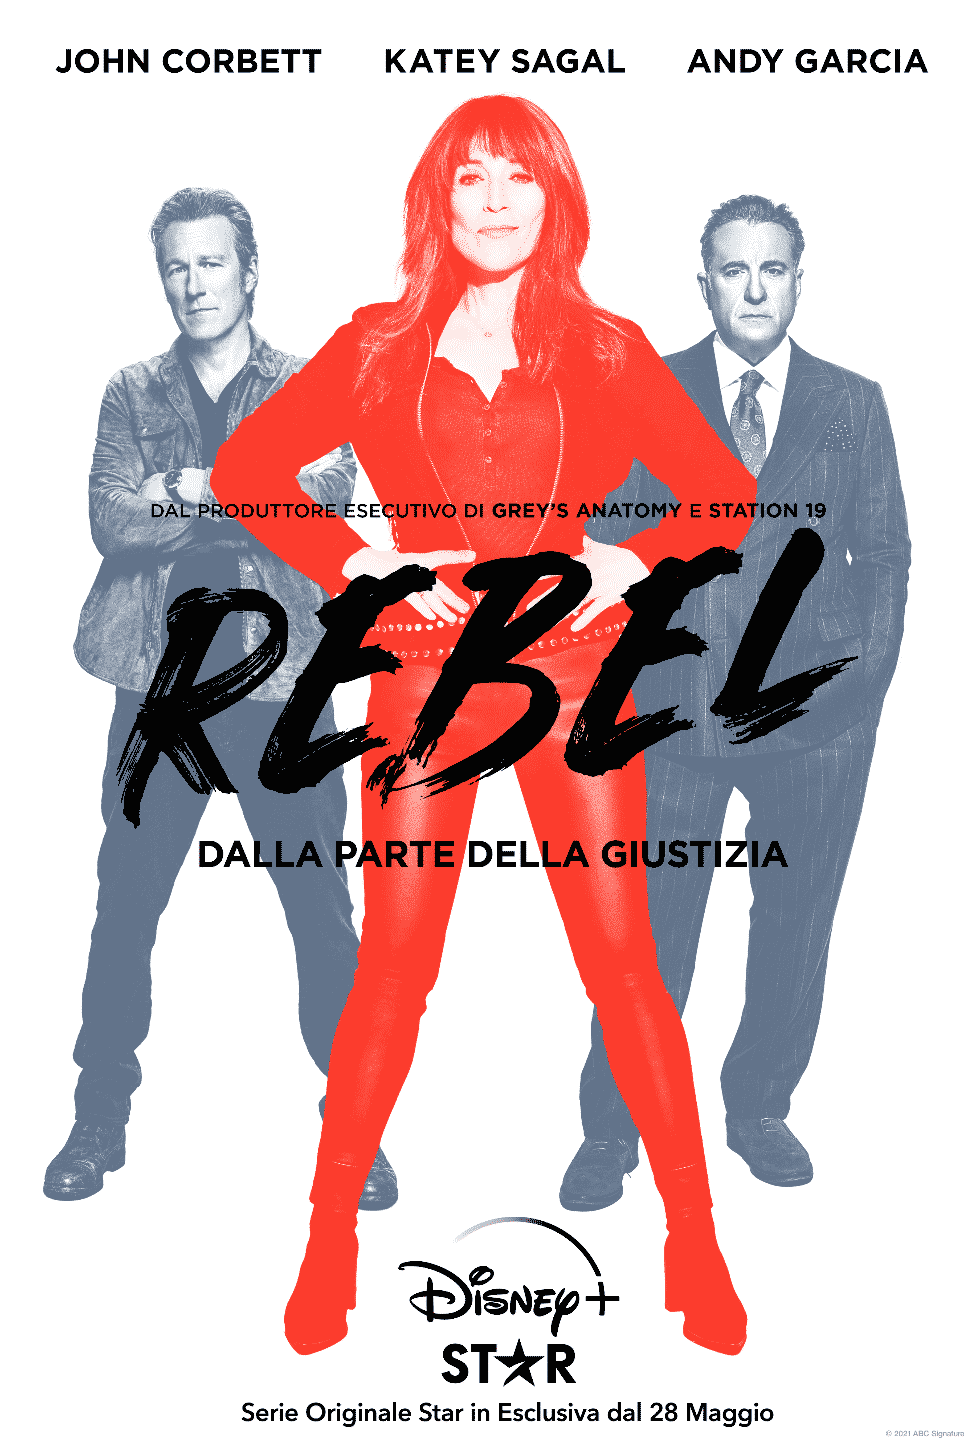 Rebel, Disney+